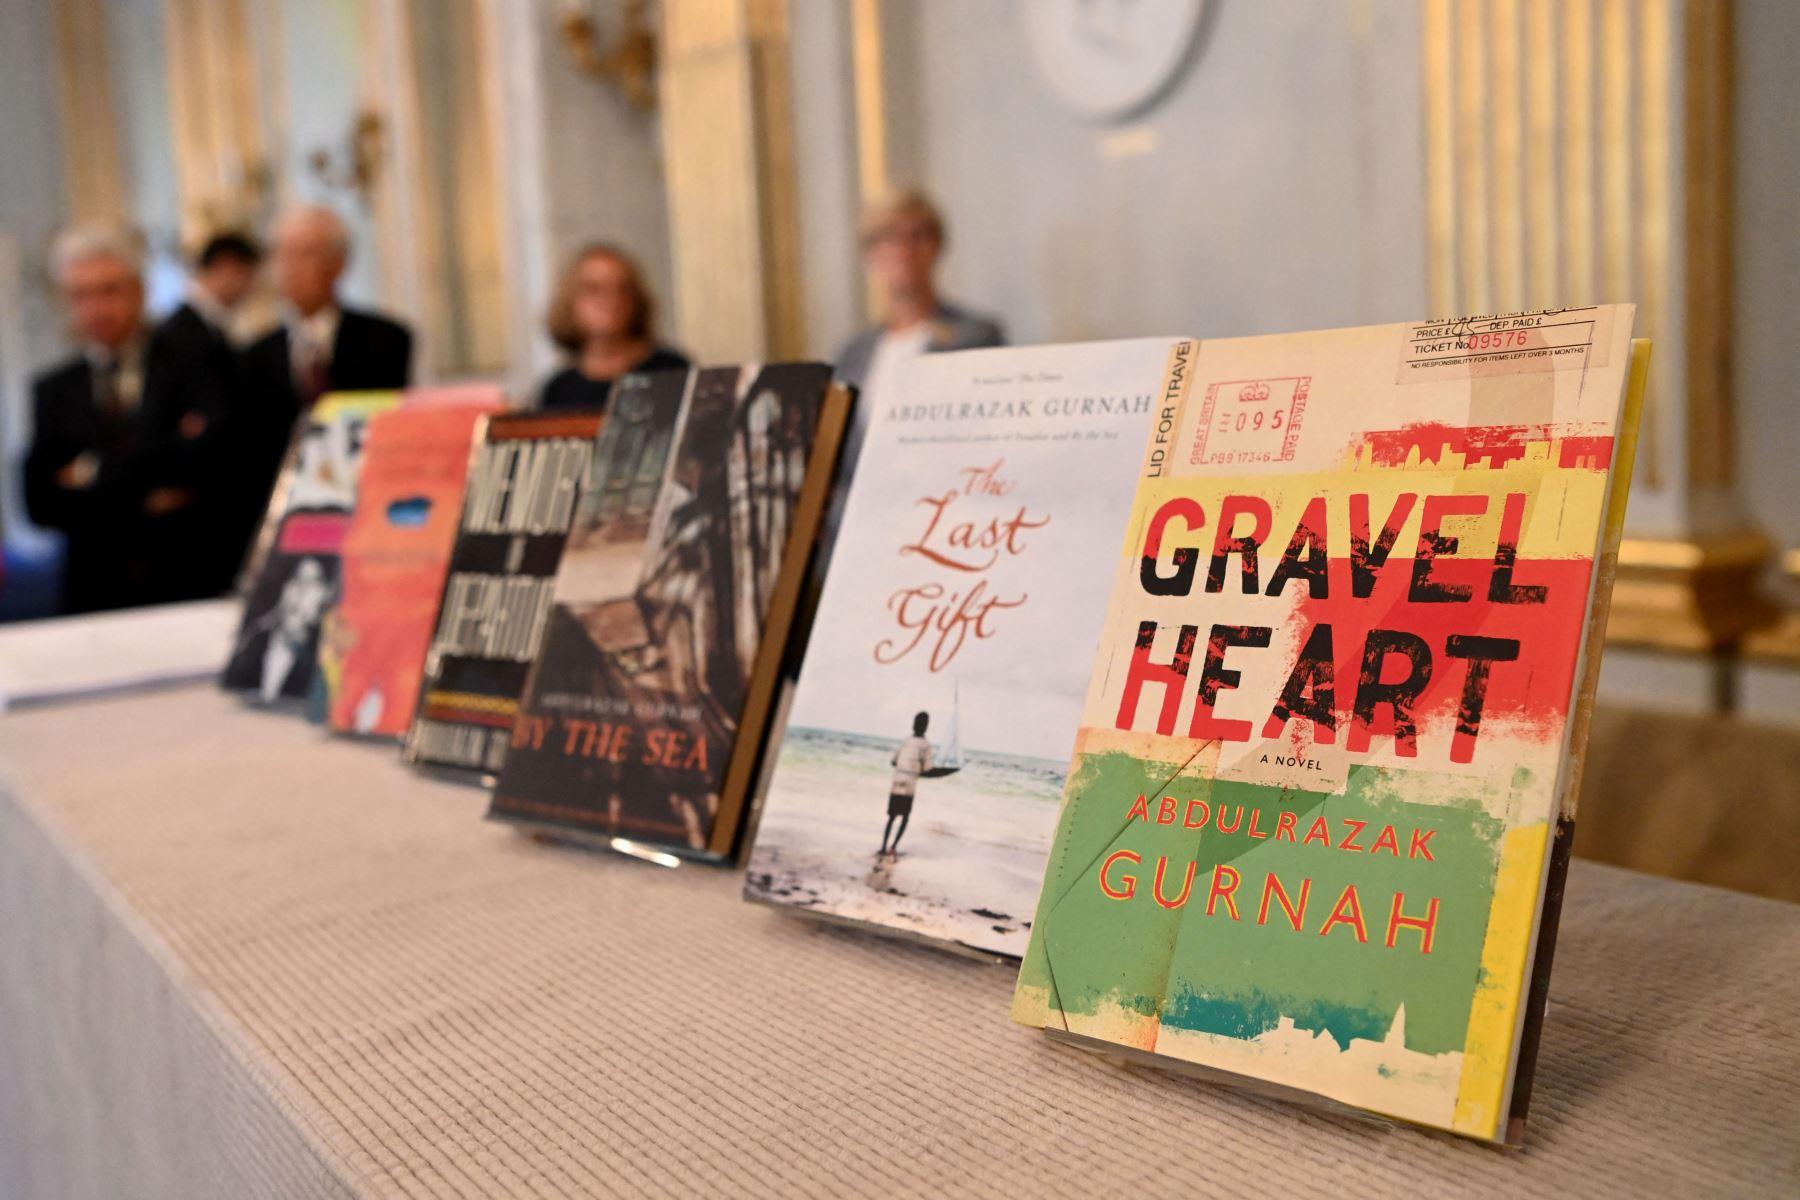 Novelista tanzano Abdulrazak Gurnah es el Premio Nobel de Literatura de 2021